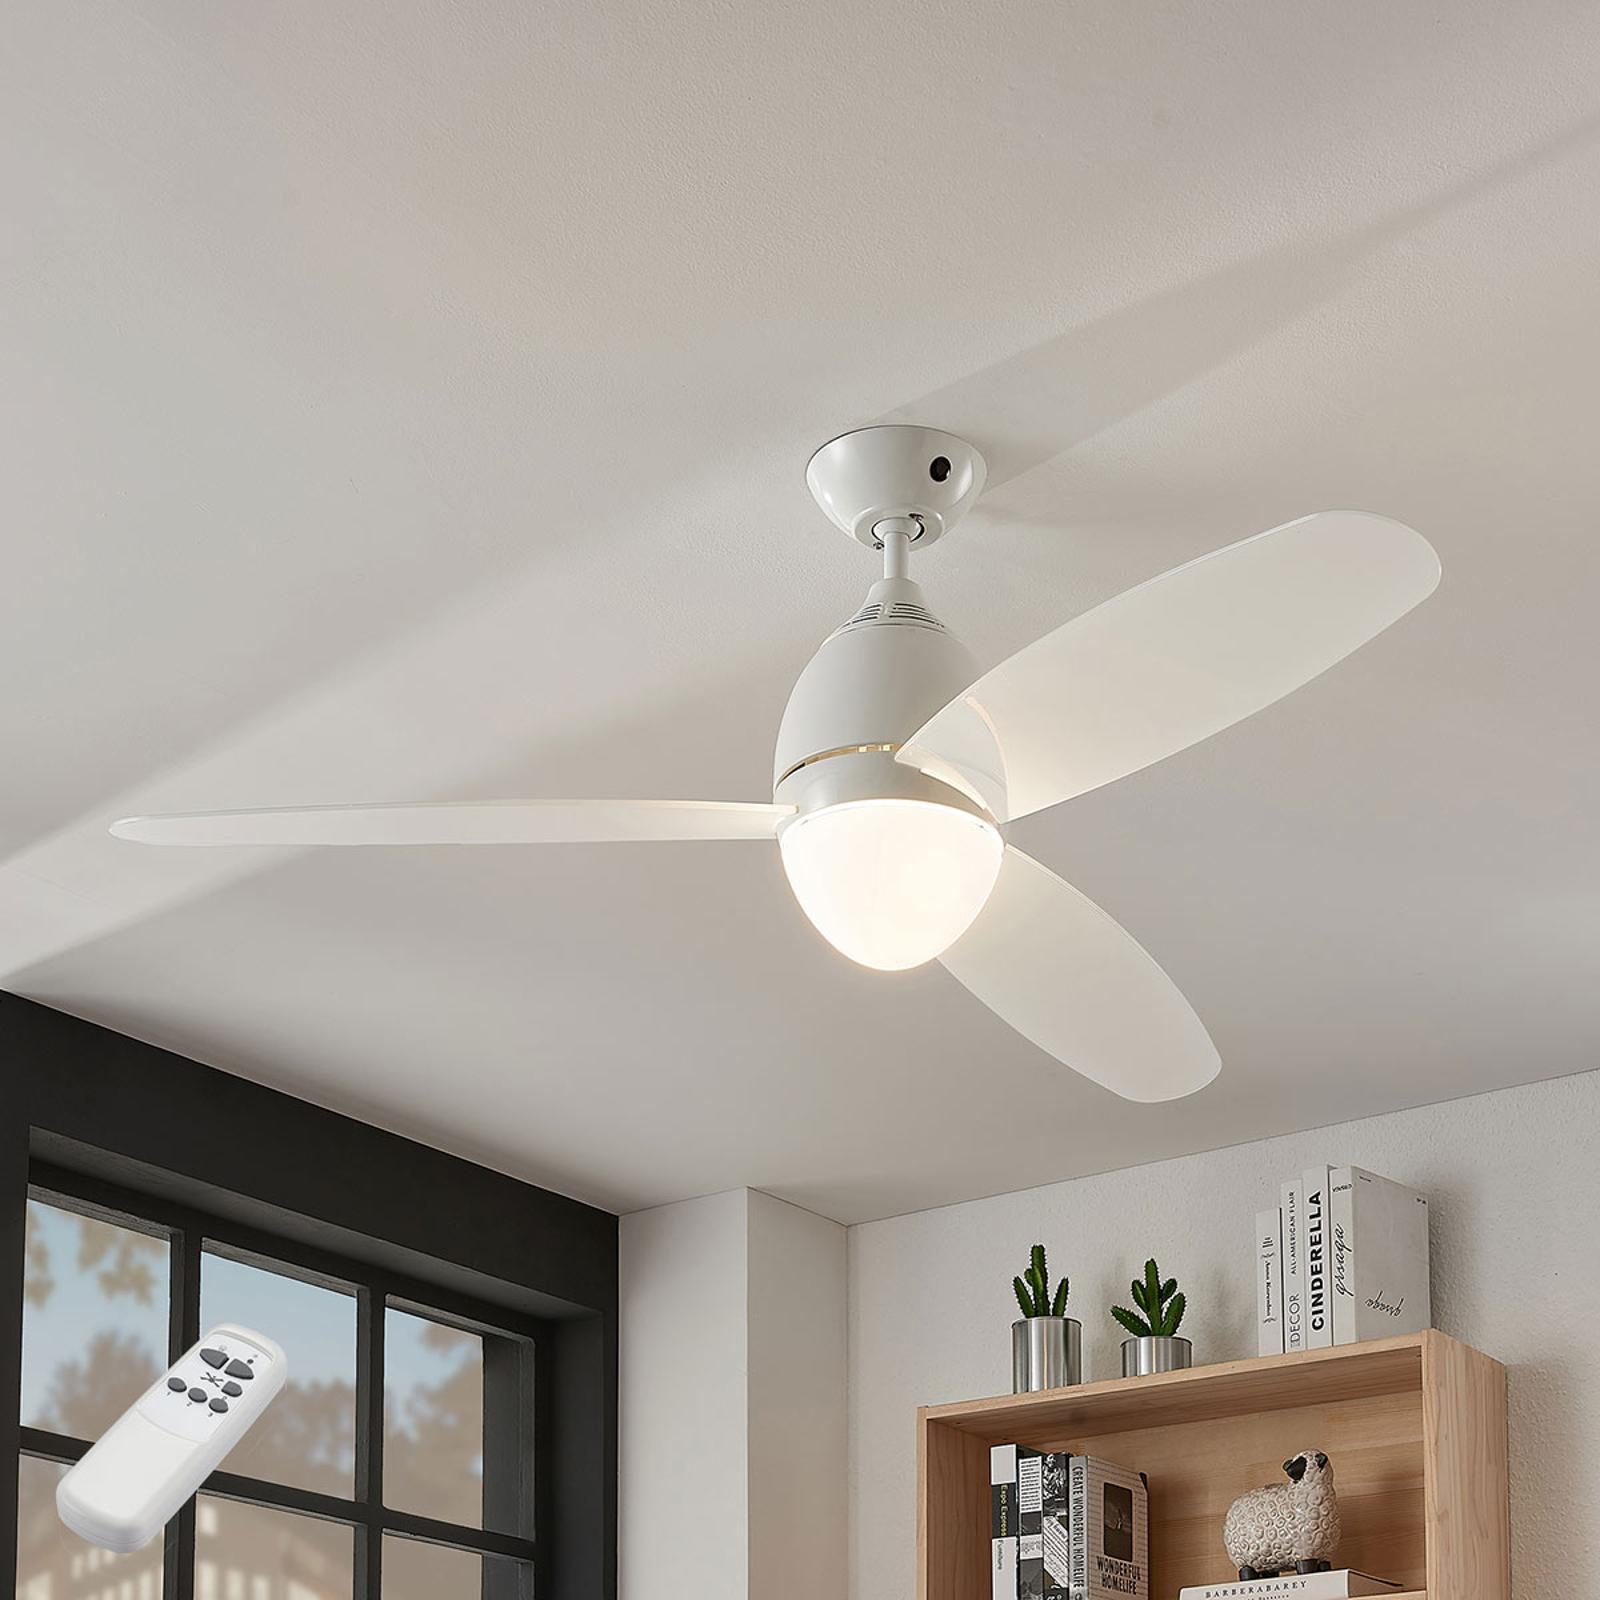 Ventilateur de plafond Piara, éclairé, blanc